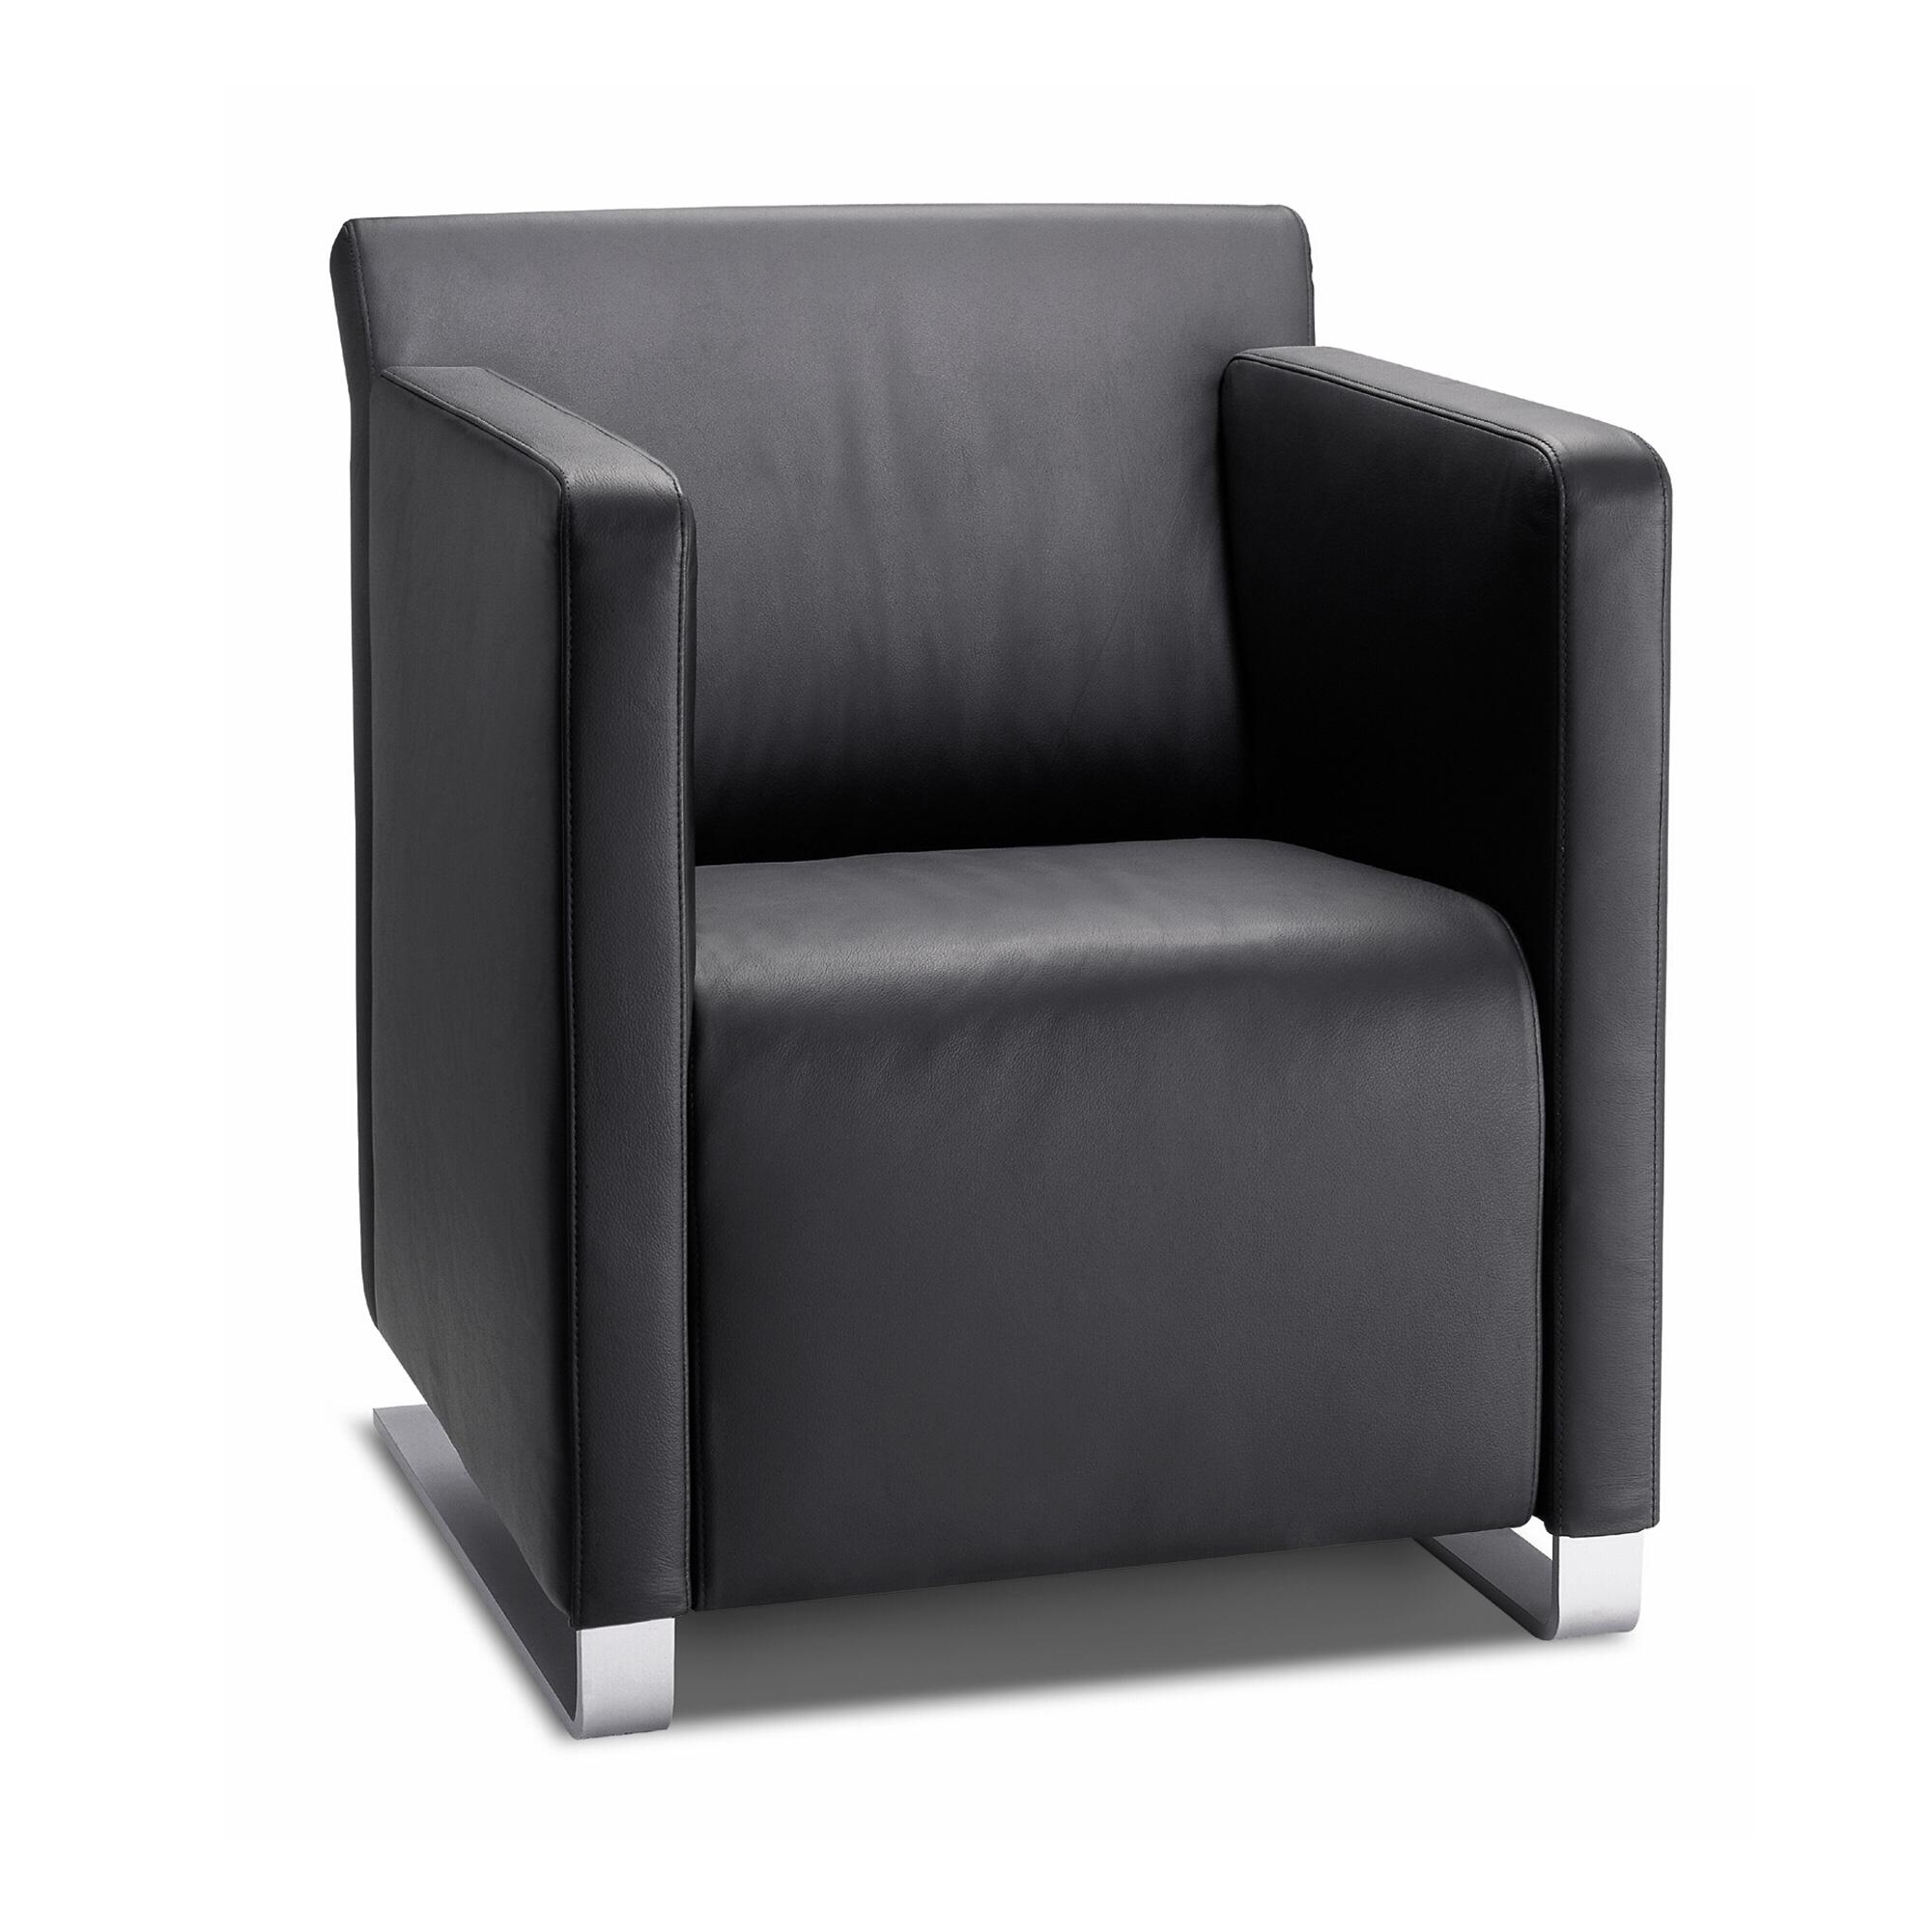 Sessel dekoration inspiration innenraum und m bel ideen - Wohnzimmer gestalten braun tonen ...